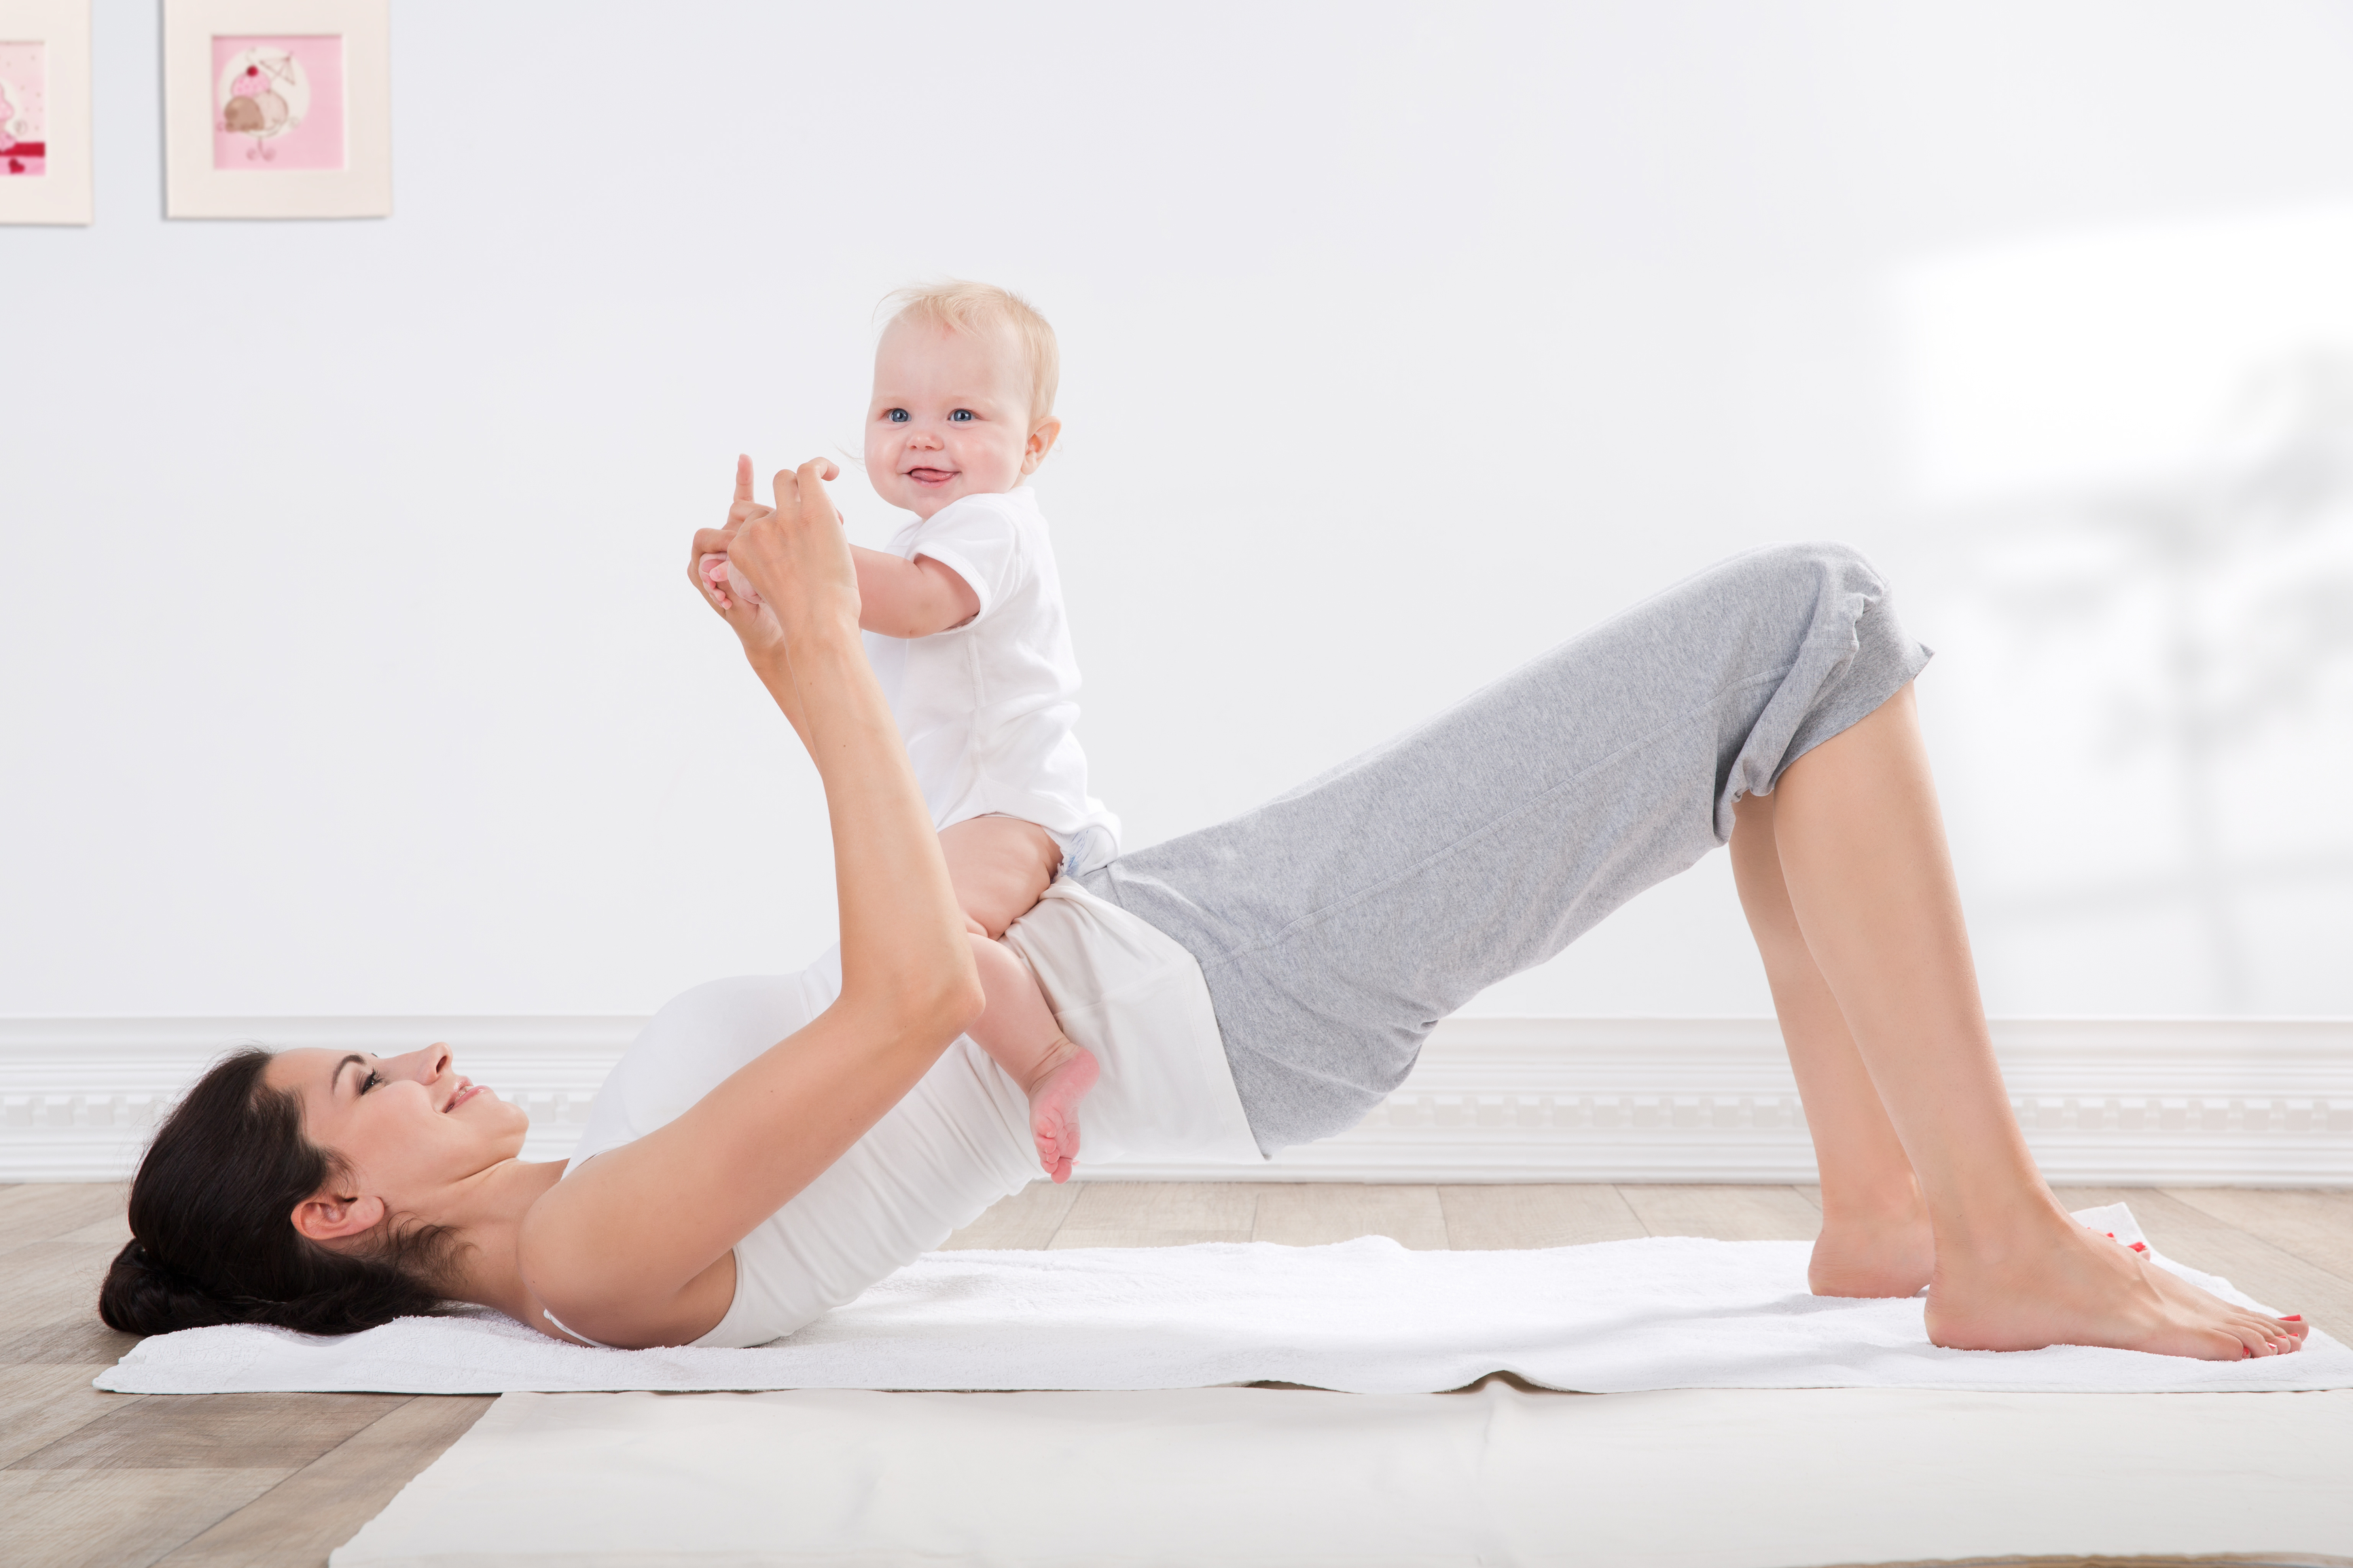 Убрать живот после родов: Самые лучшие советы